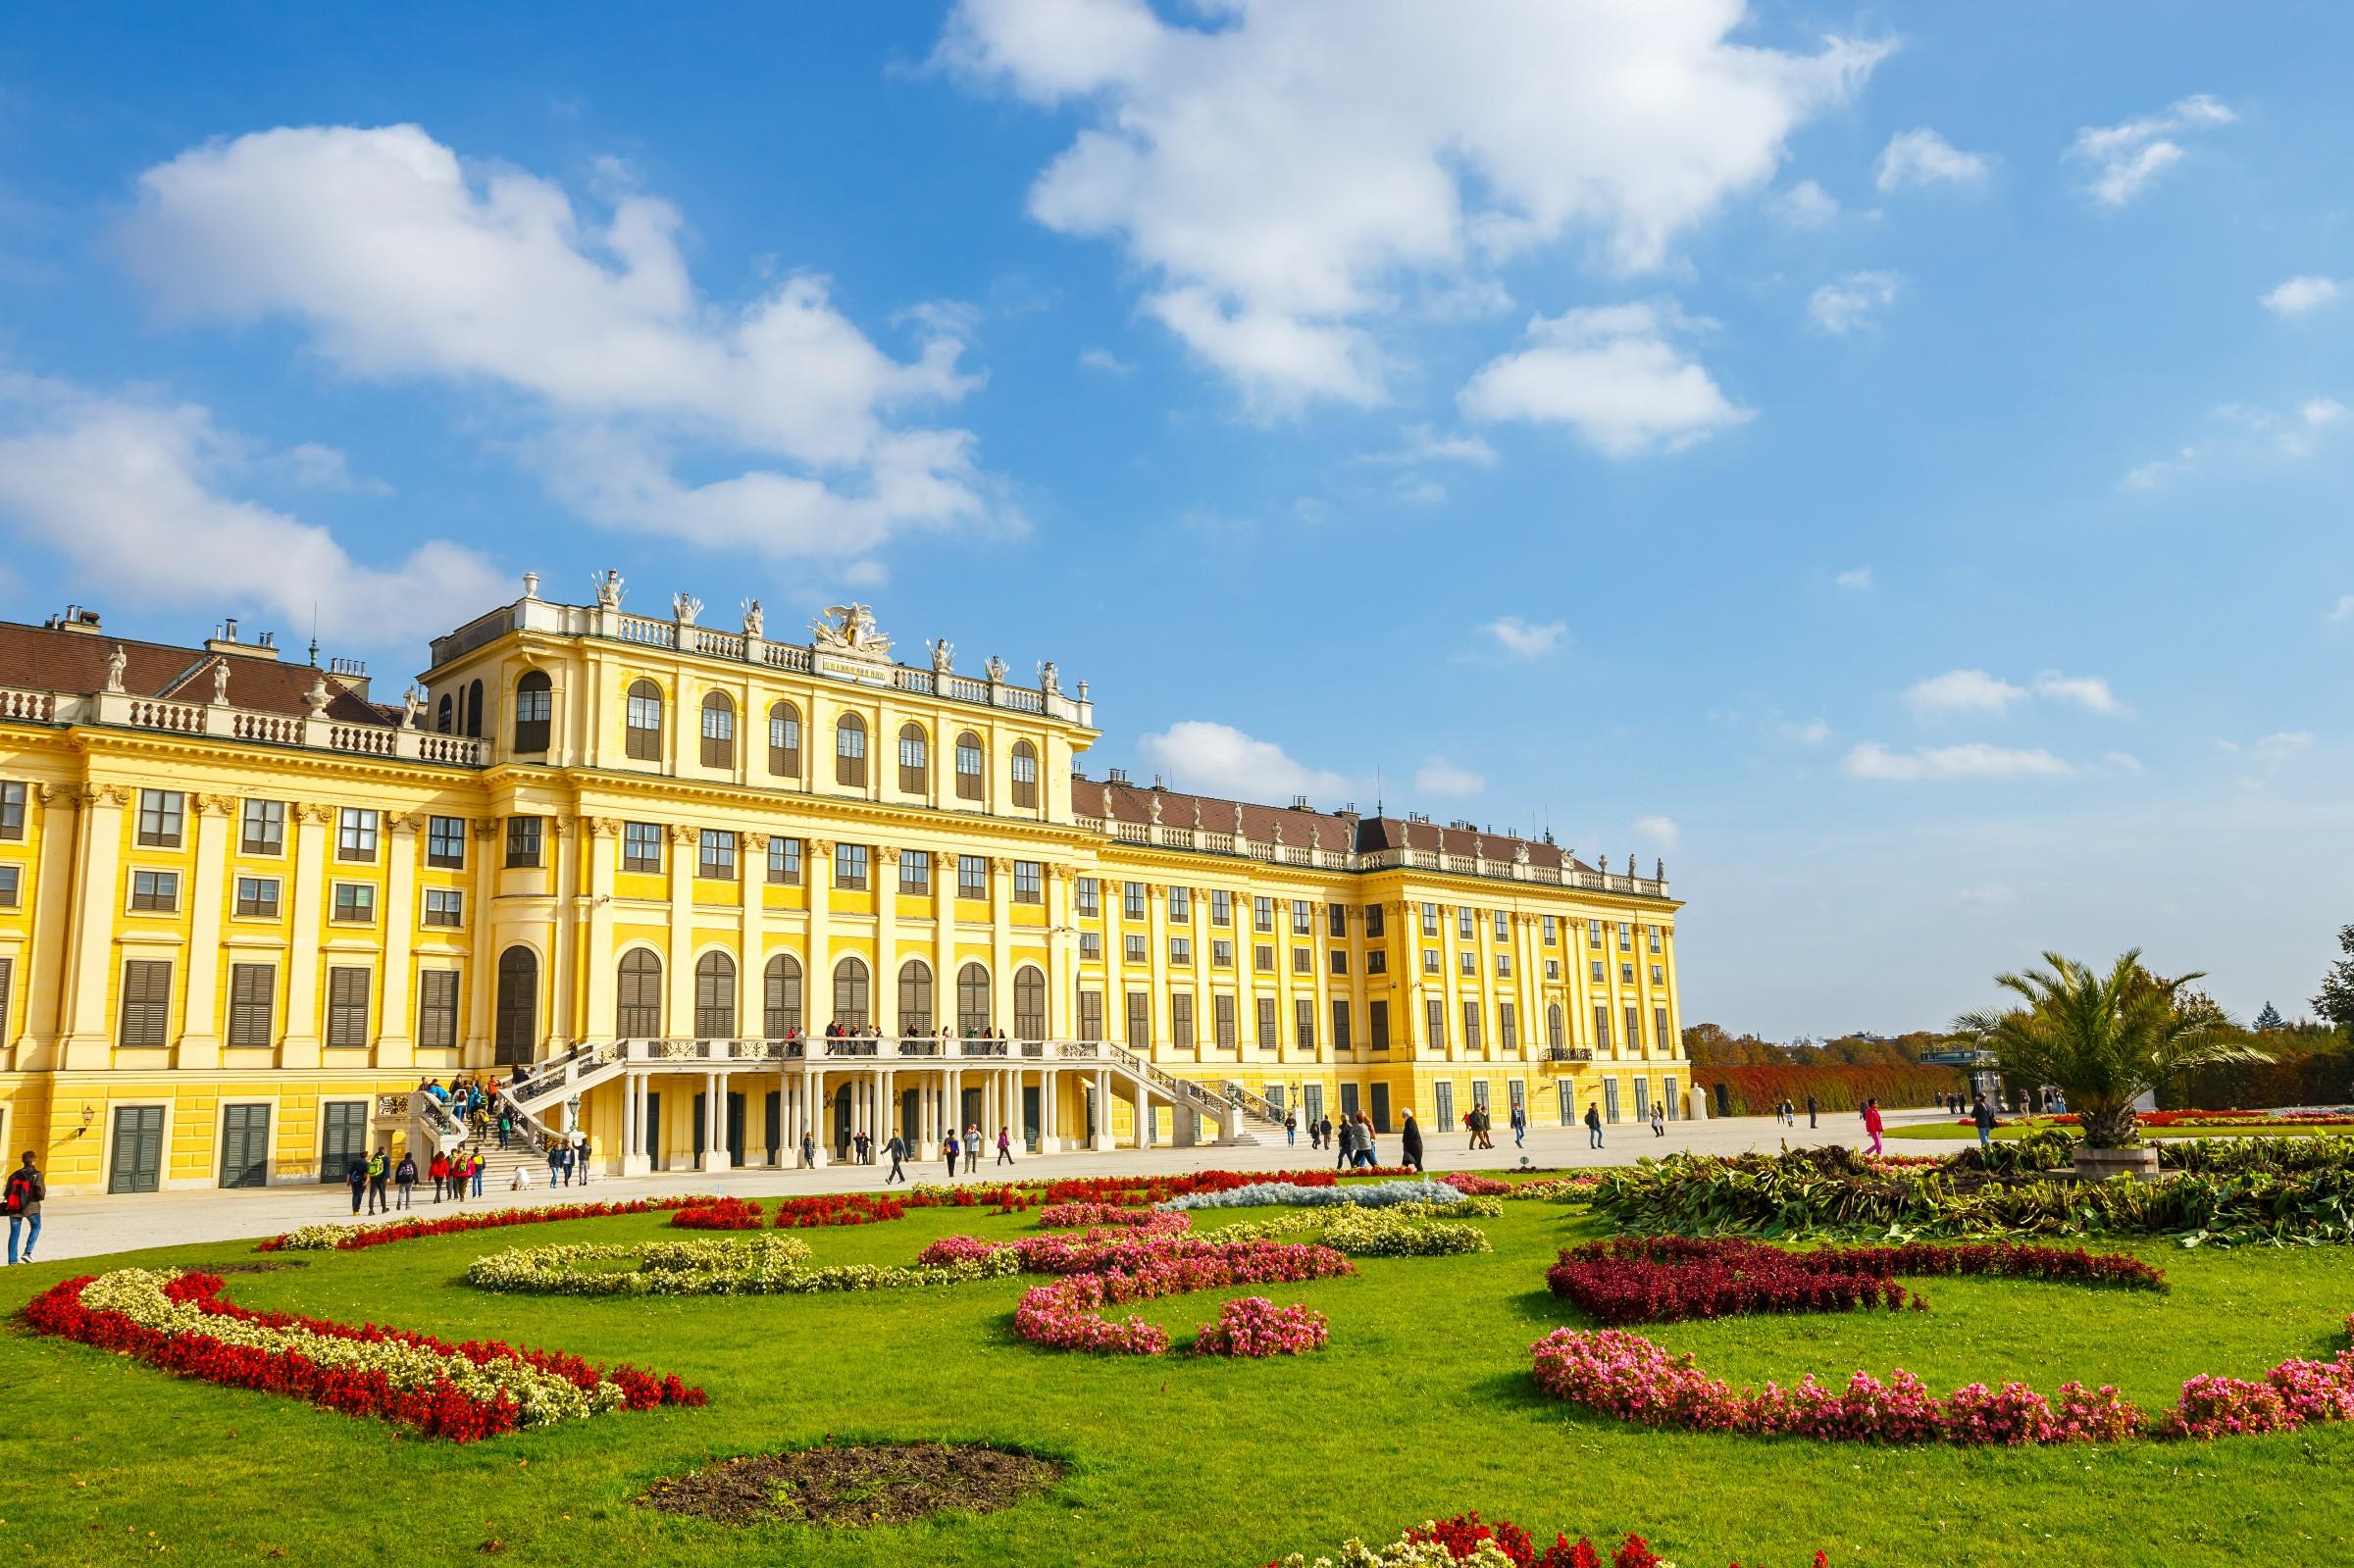 【歐洲尊貴游-東歐五國11天游】全程五星級酒店、入內帕加蒙博物館、布拉格城堡、圣維特教堂、黃金小徑、暢游克魯姆洛夫、一價全包絕無自費、含簽證及服務費